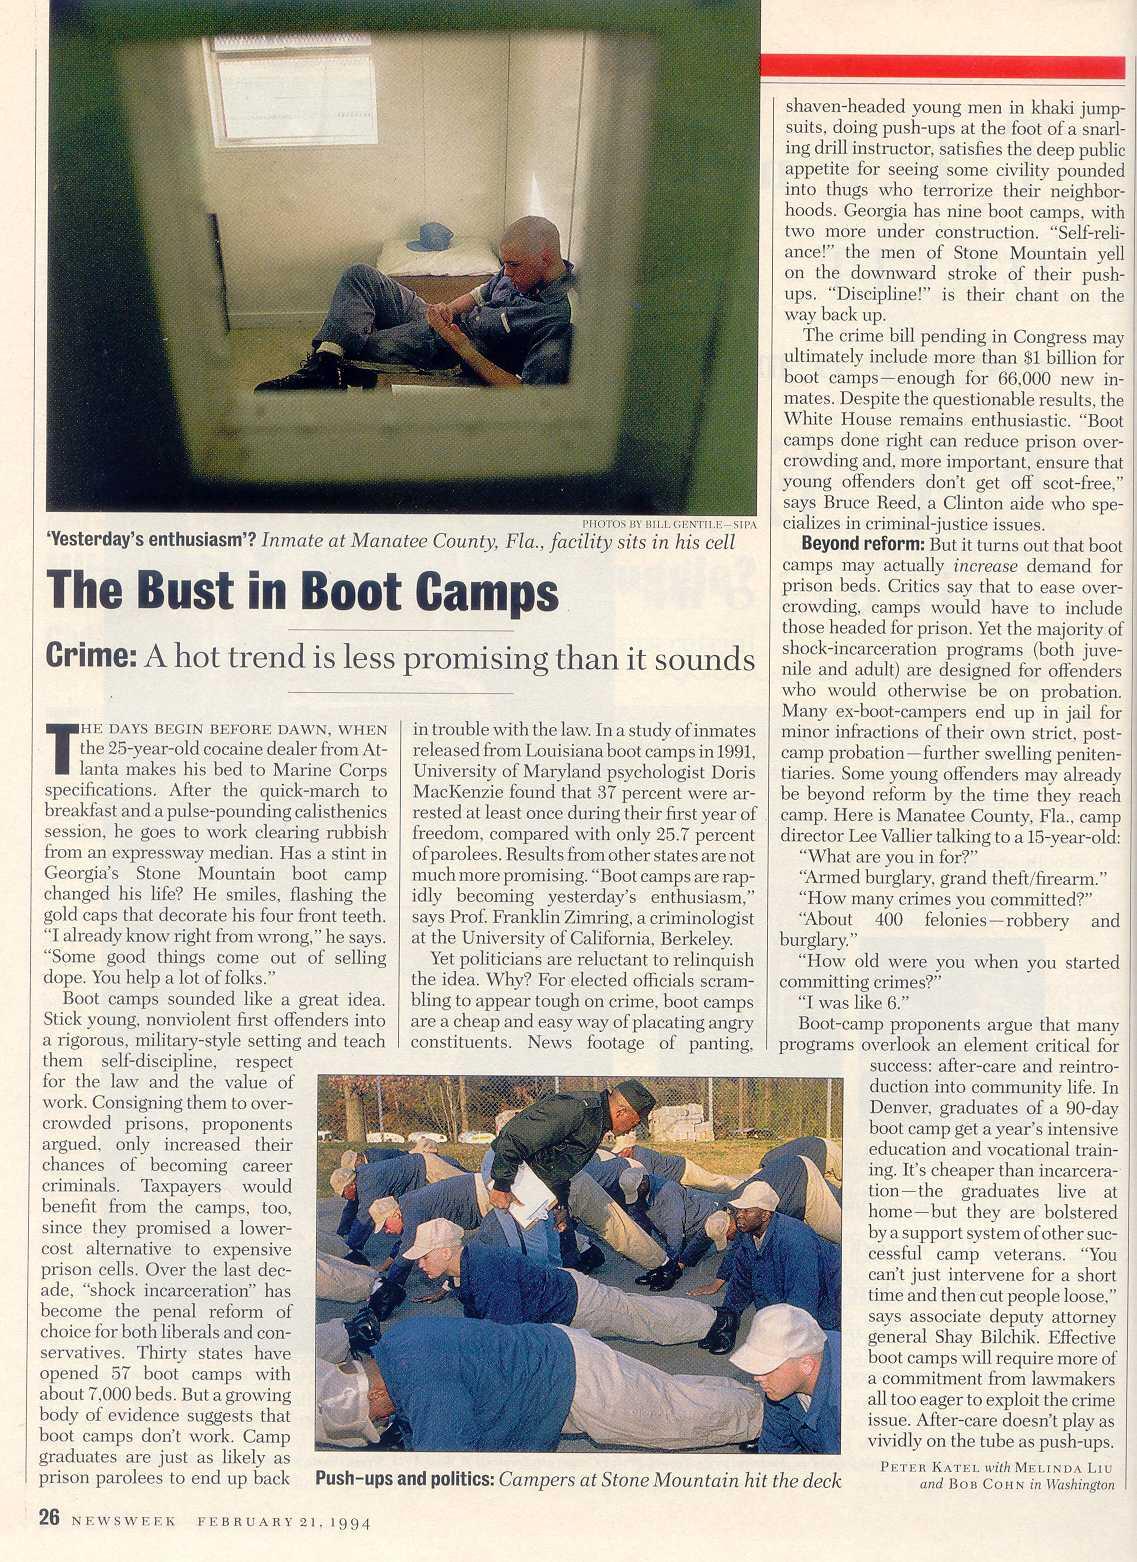 Peter Katel in Washington – NEWSWEEK Magazine (1994)